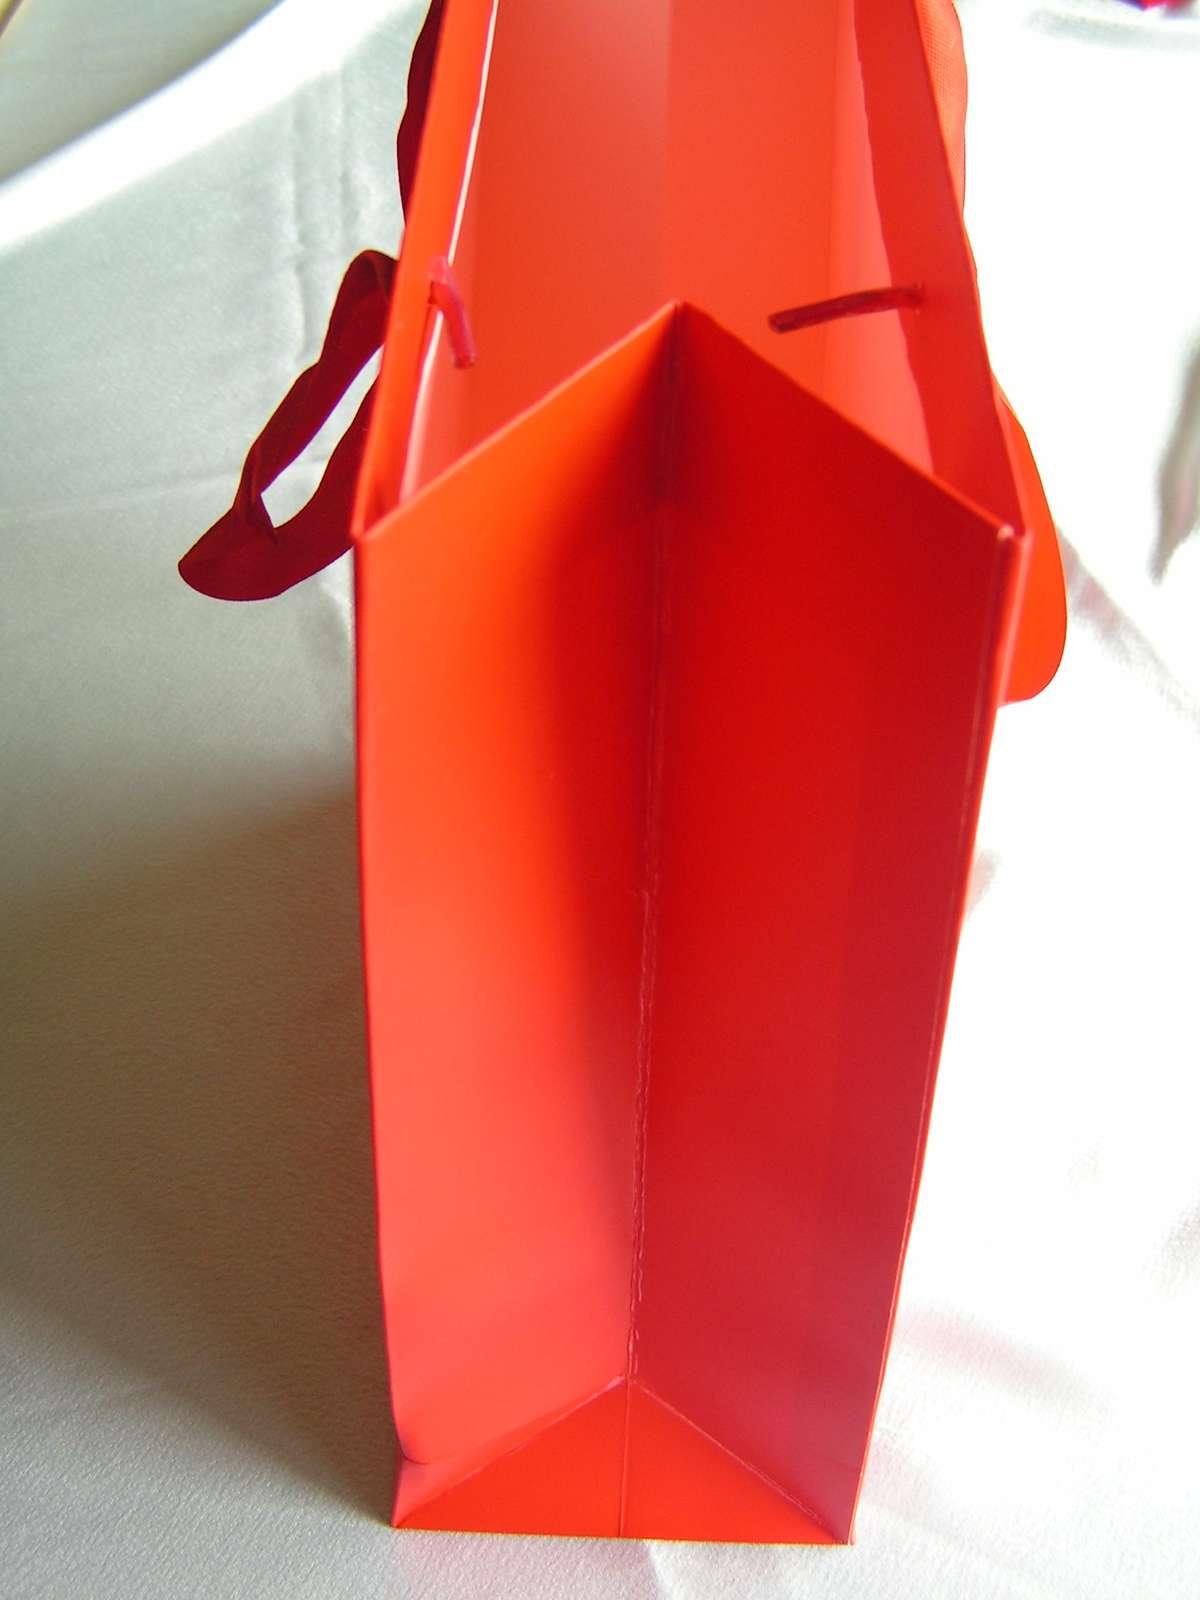 Velká dárková taška - 25 x 32 cm - Obrázek č. 3